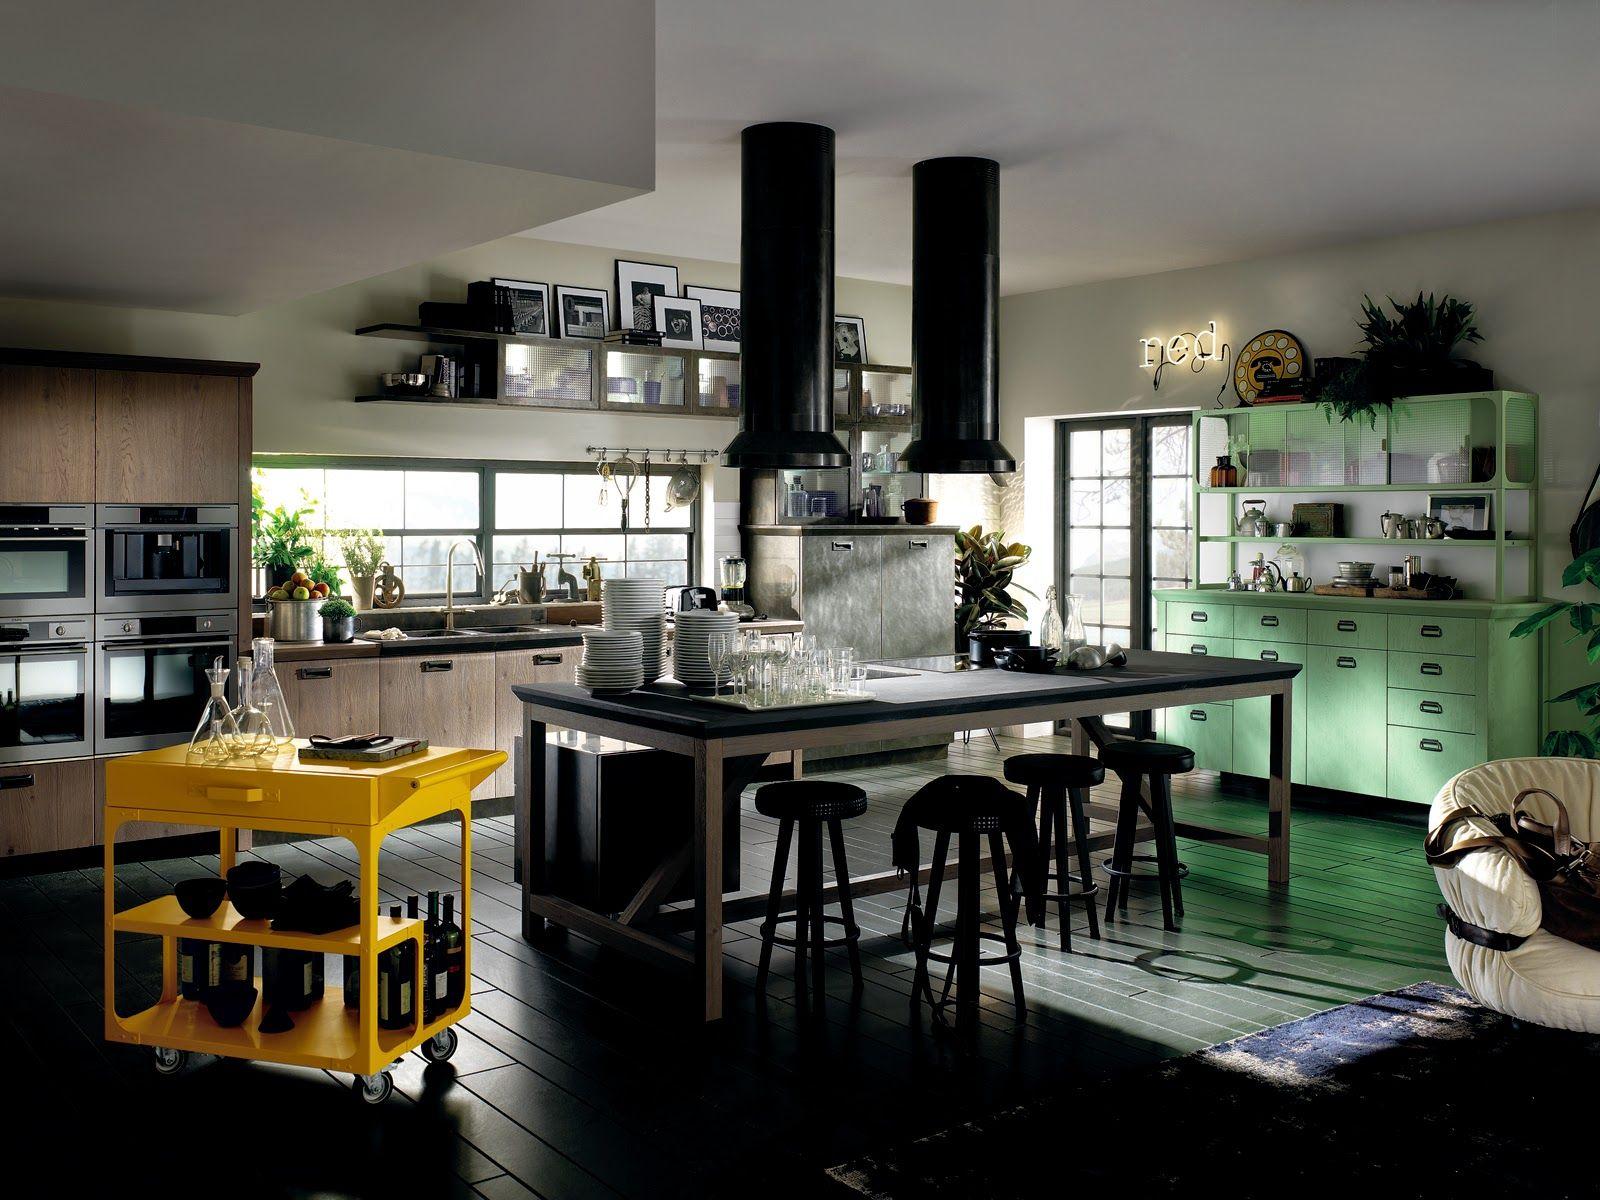 Detalhes do Céu: Cozinhas Modernas